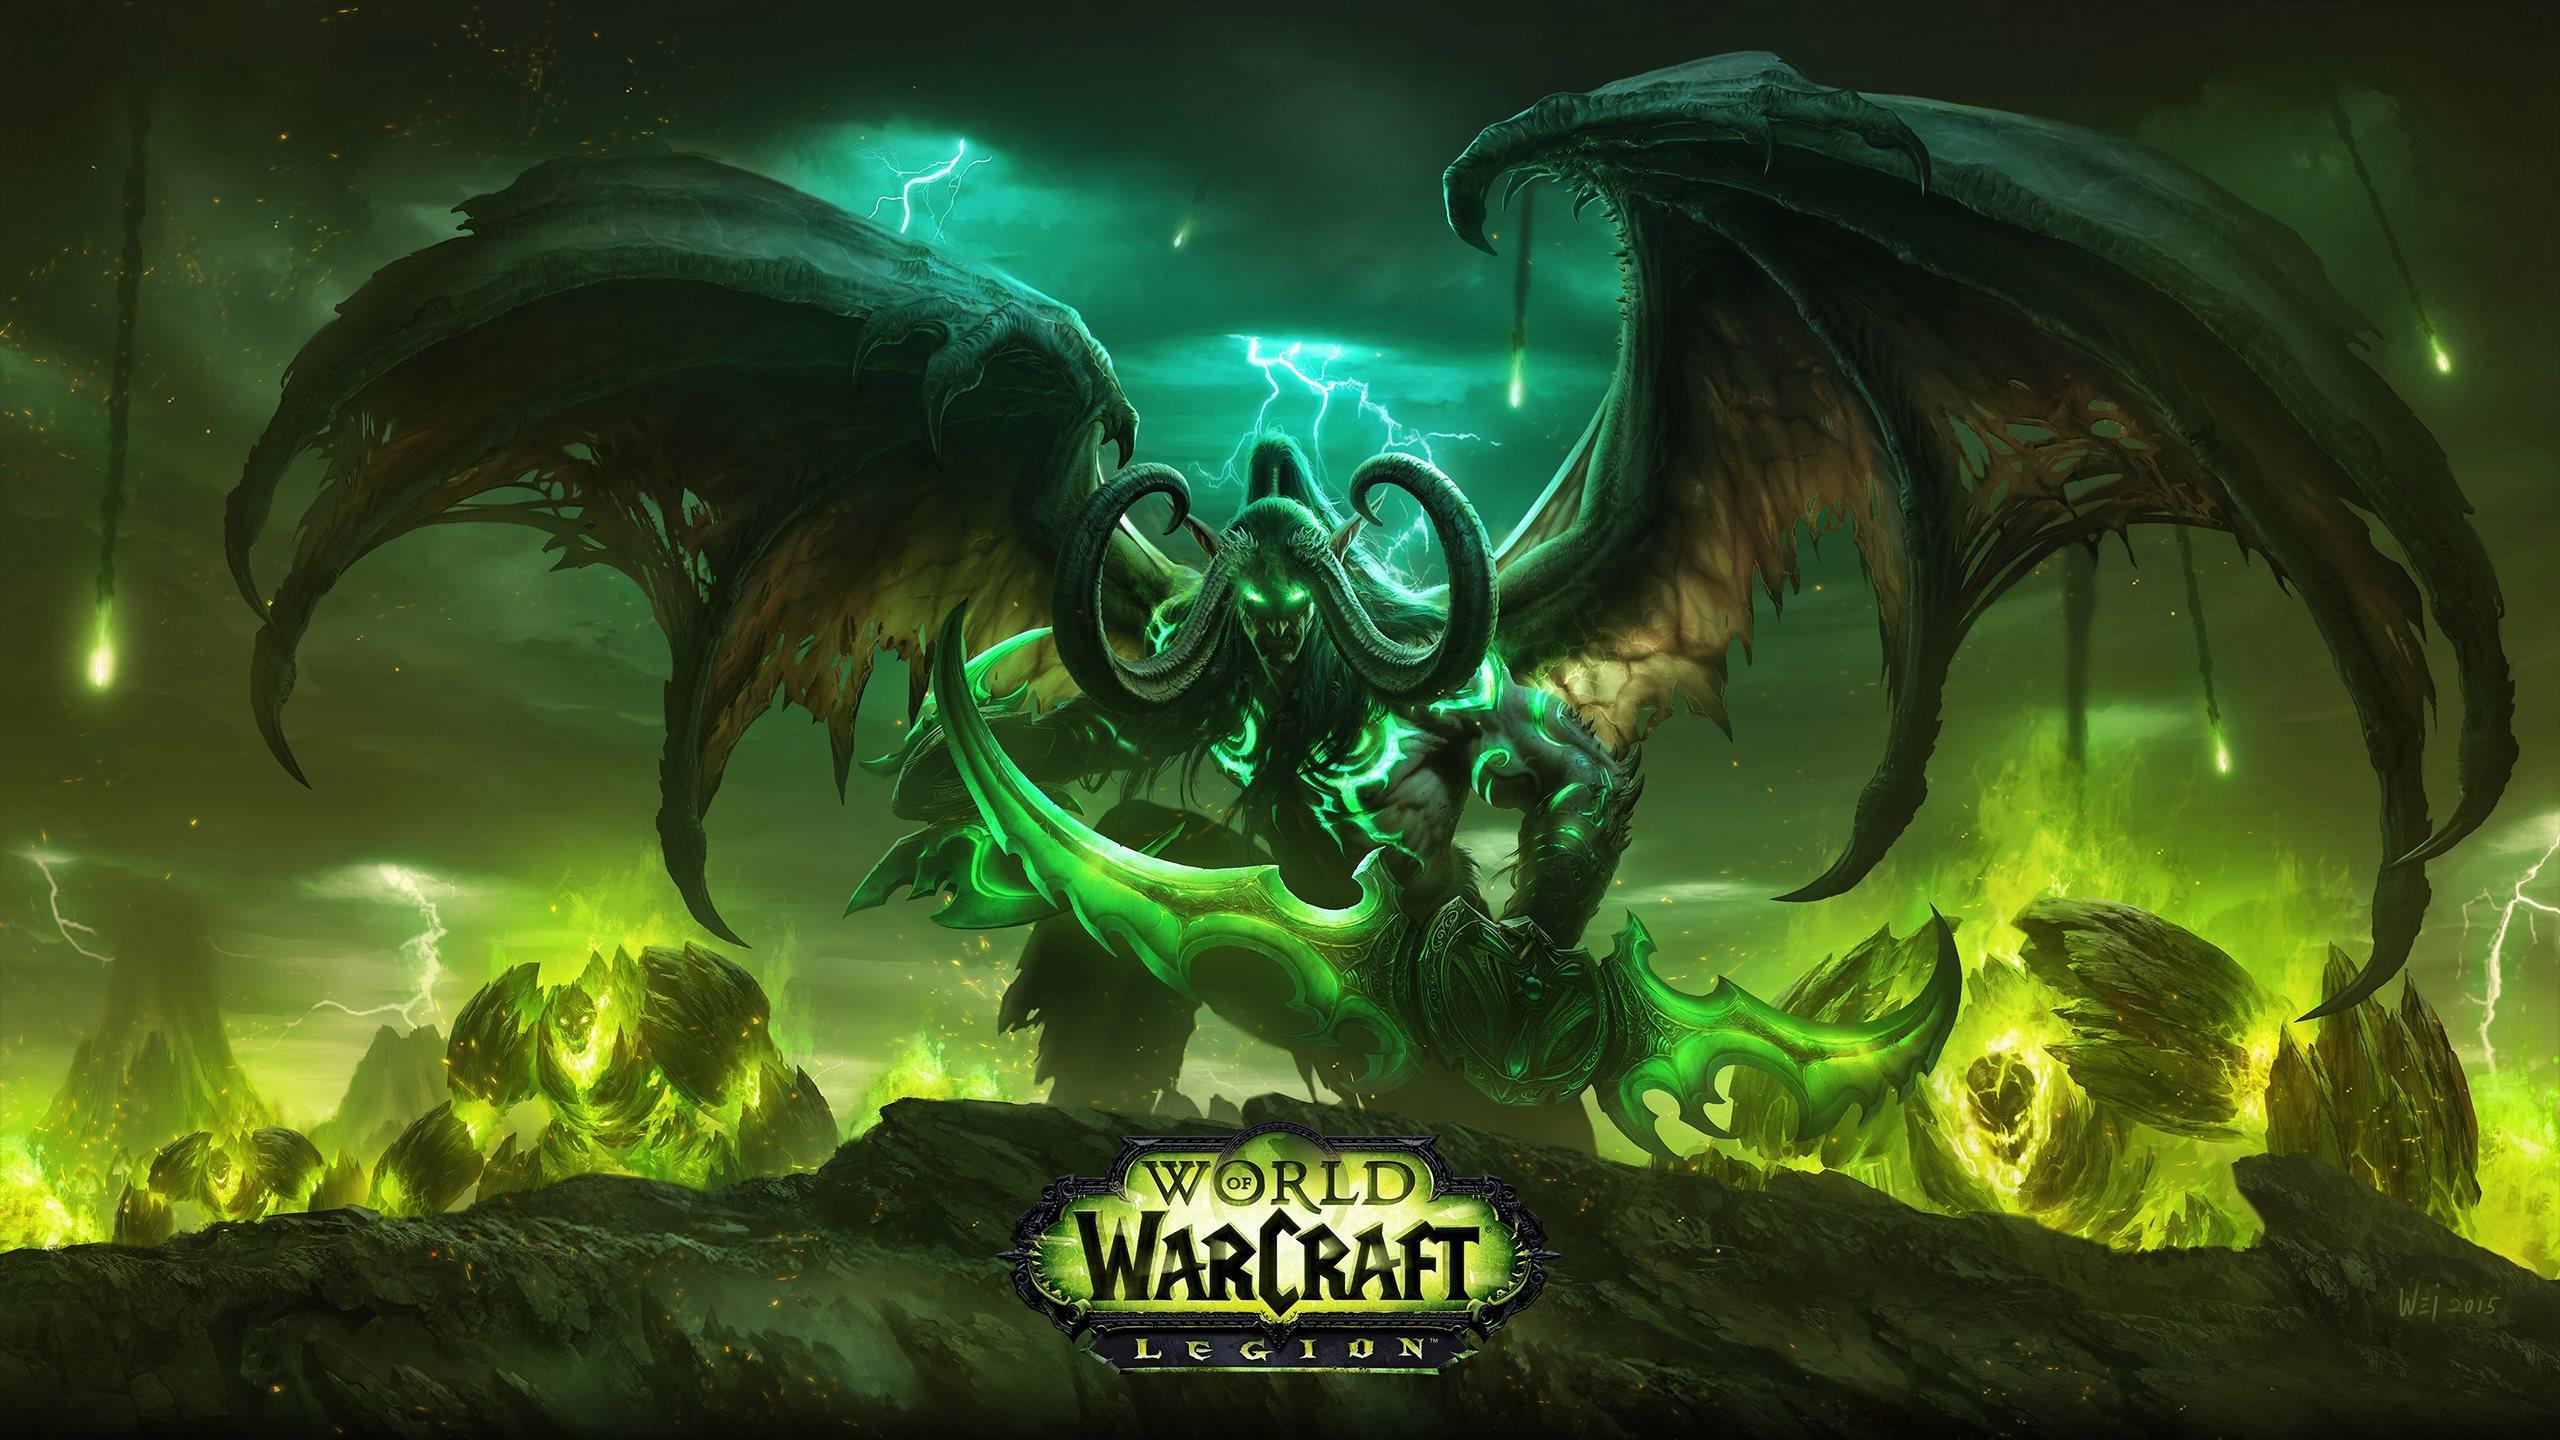 魔兽世界:军团再临公布上市日期